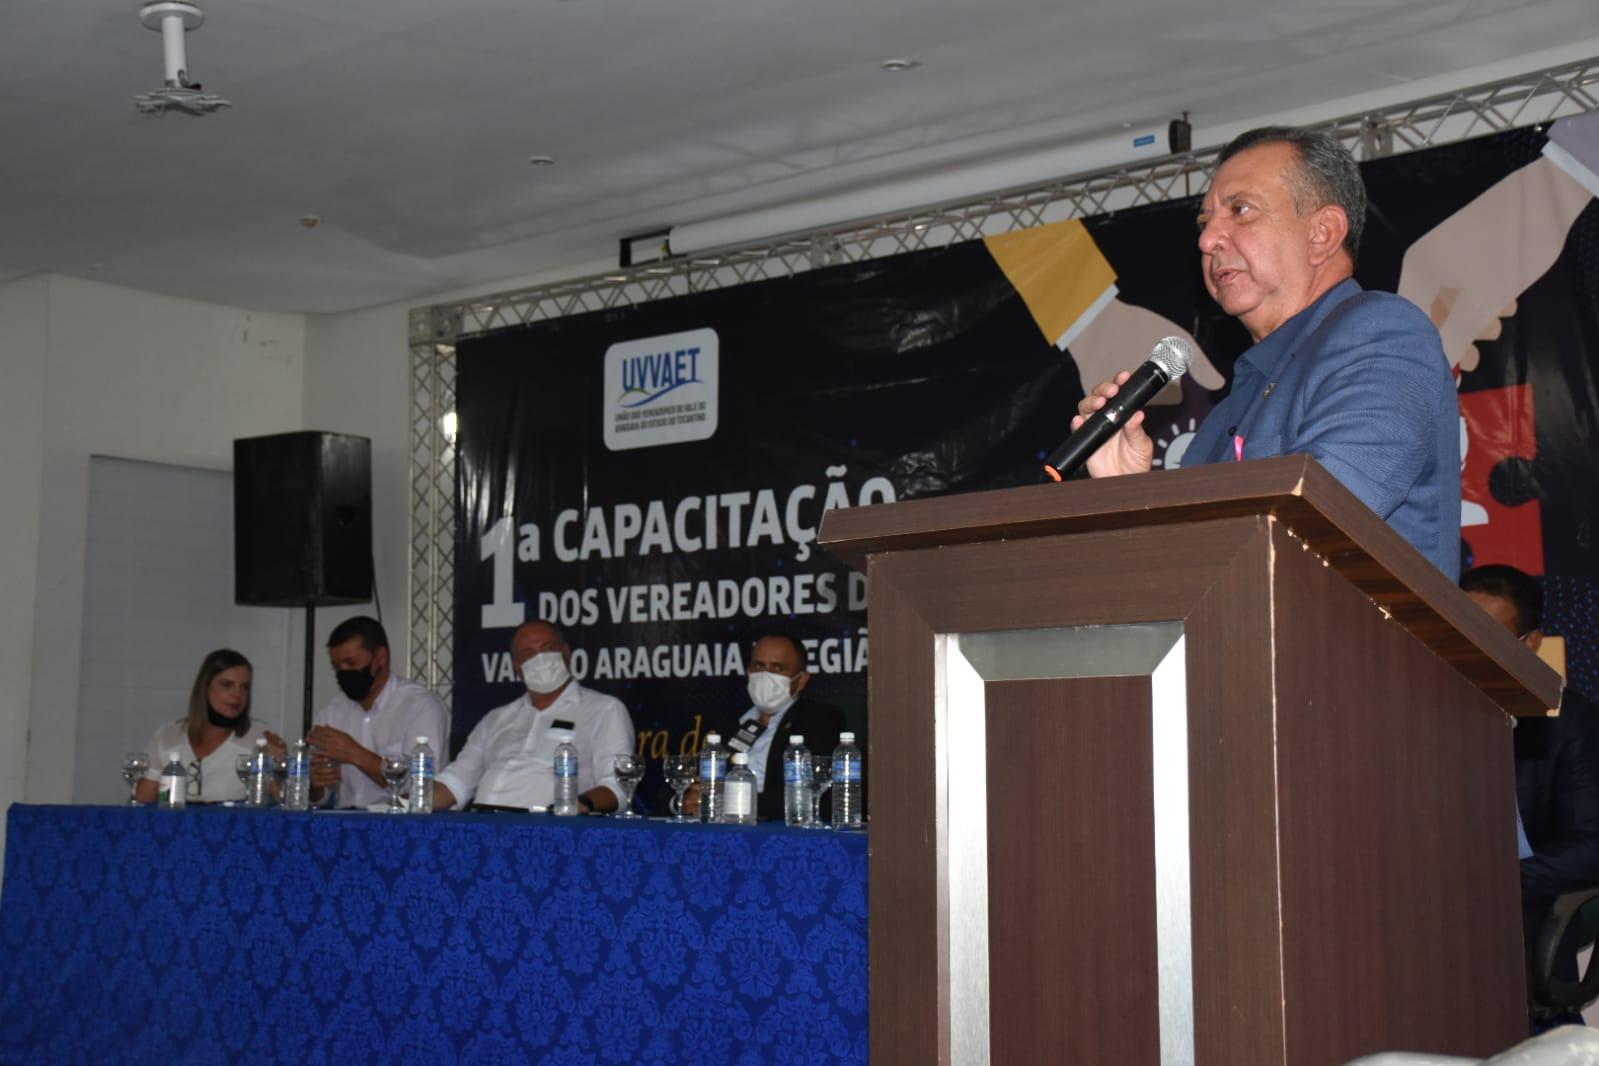 Desafios de legislar é tema abordado por Antonio Andrade durante evento de vereadores em Divinópolis